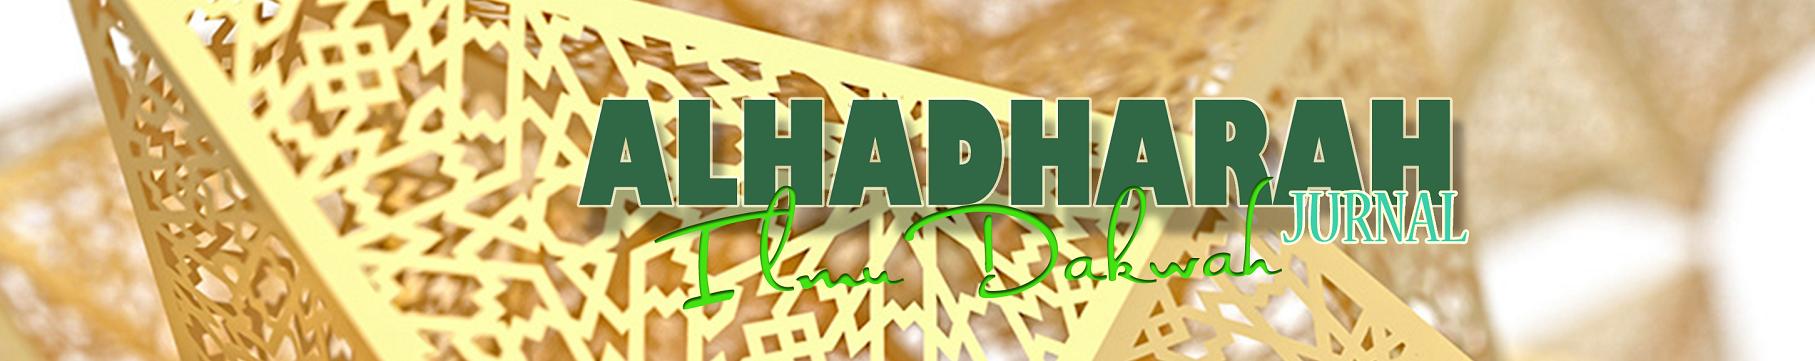 Jurnal Alhadharah